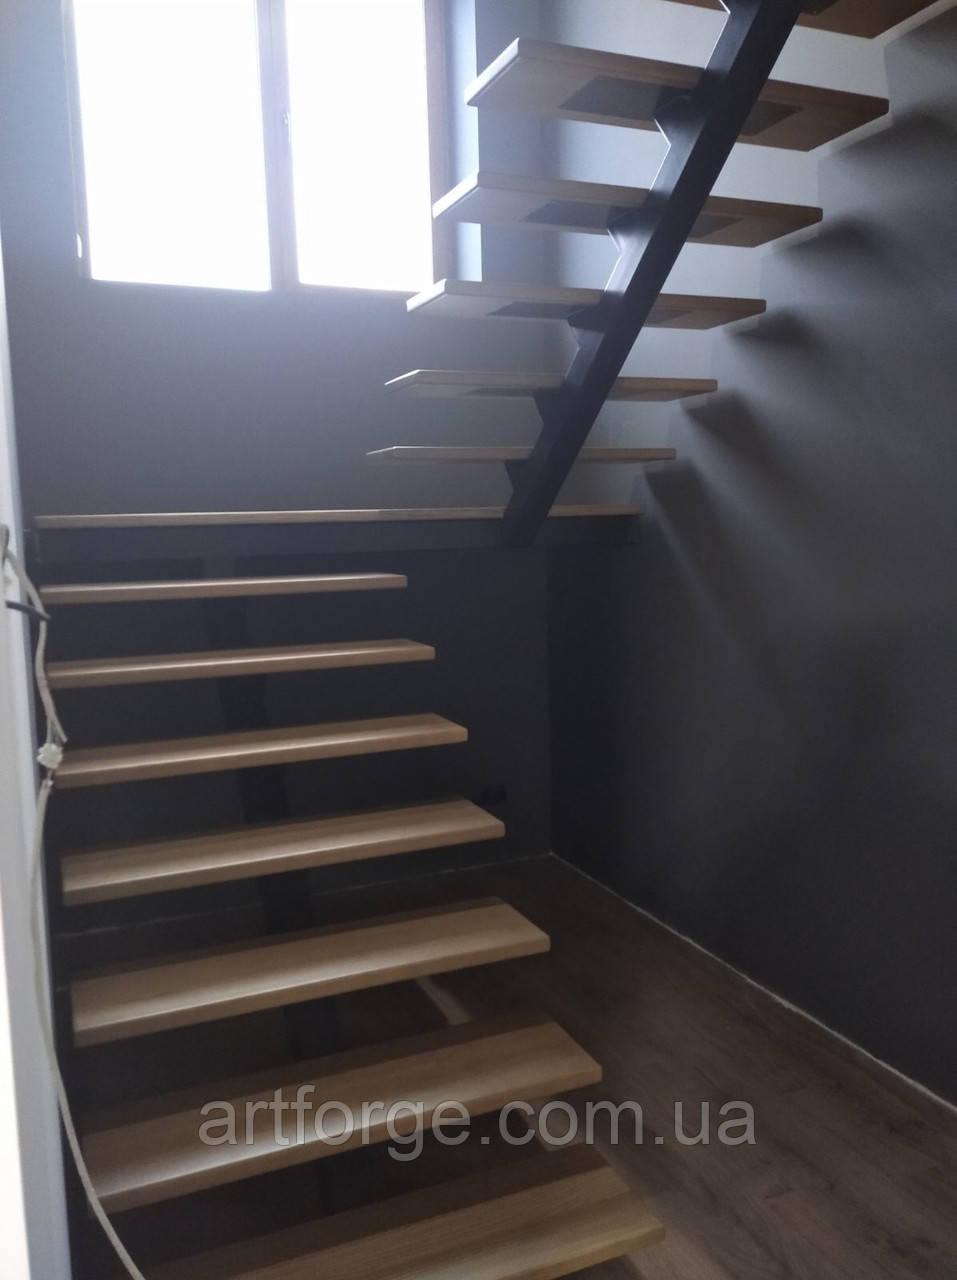 """""""П-образный"""" Каркас лестницы на центральном несущем косоуре"""